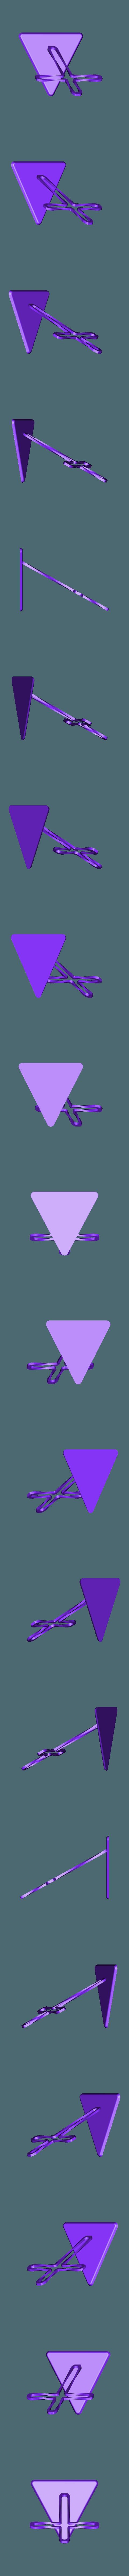 Twist.STL Télécharger fichier STL gratuit Trunkey創吉藝 光影十字架 光影十字架 STAND TWISTED CROSS (Jesus Christ) • Design à imprimer en 3D, Trunkey